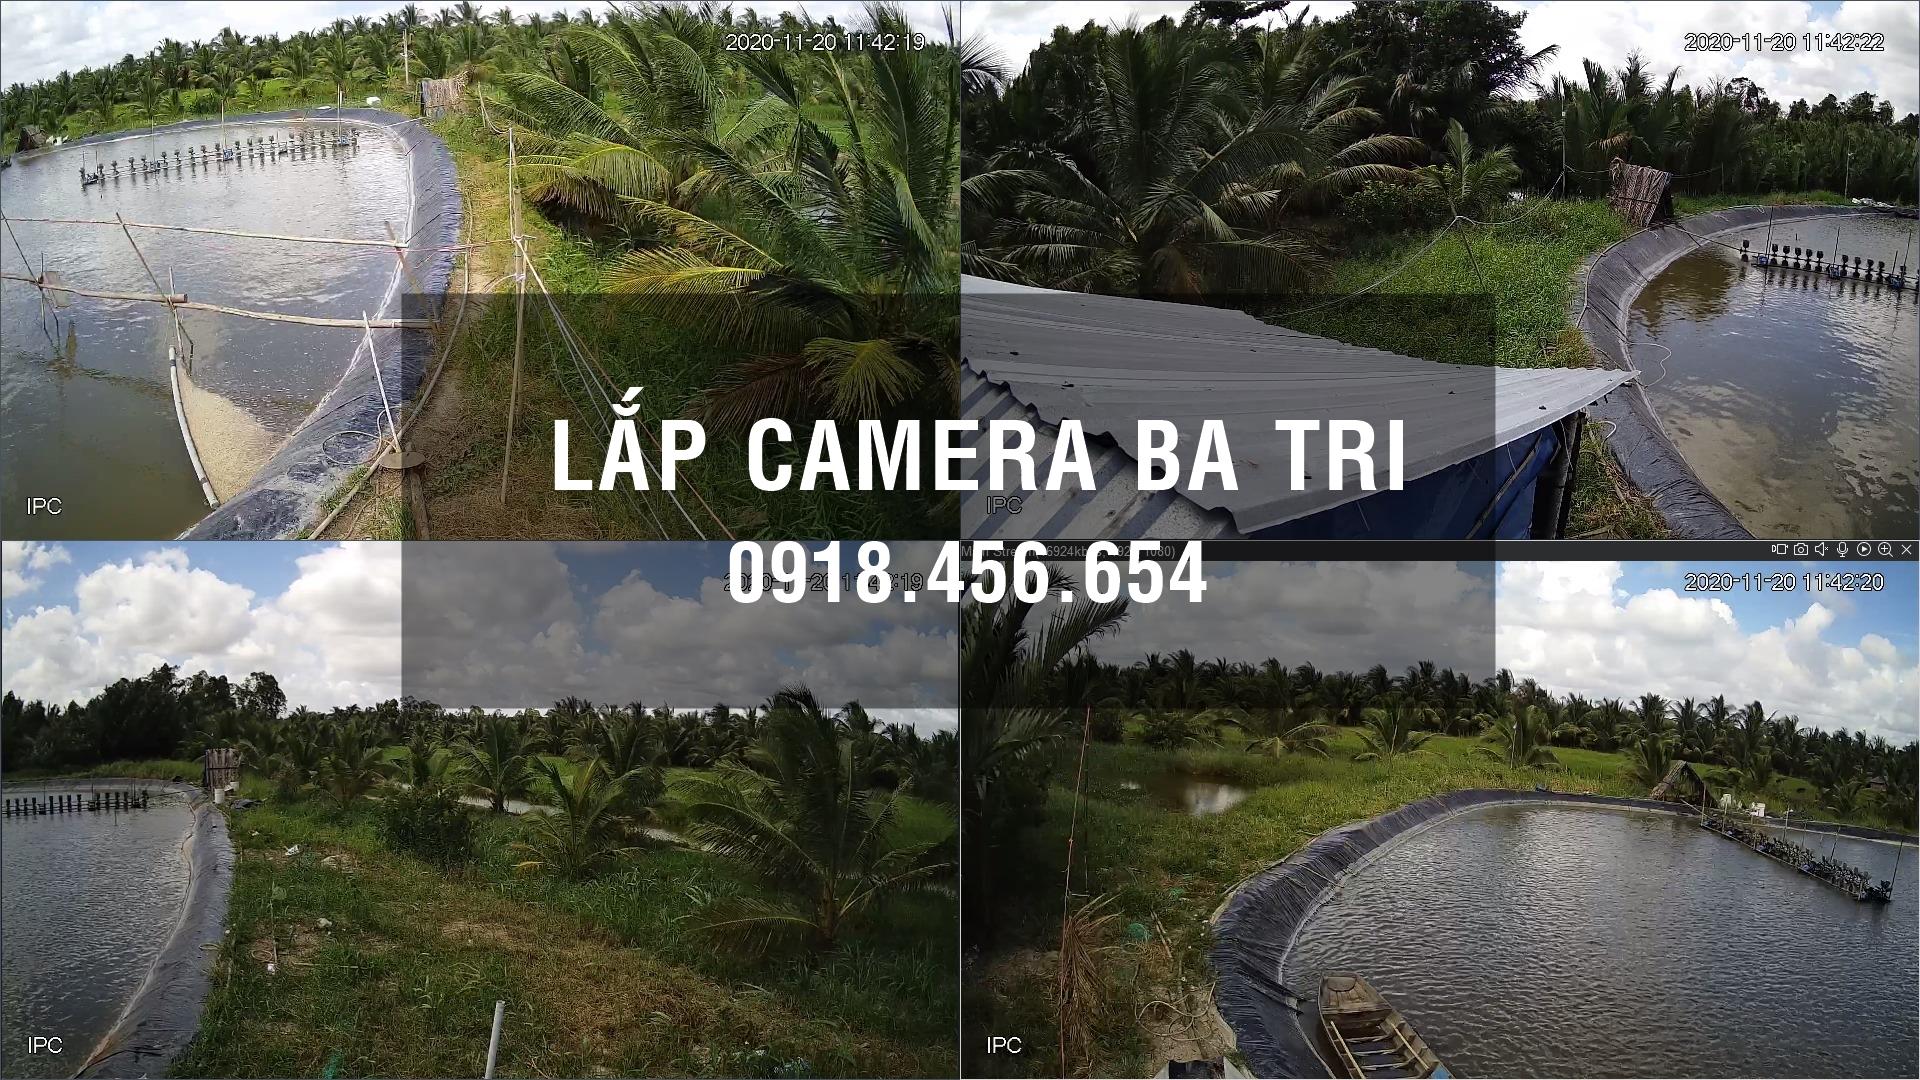 Lắp camera trọn gói ở Ba Tri, Bến Tre – Uy tín, Chất lượng, Giá rẻ